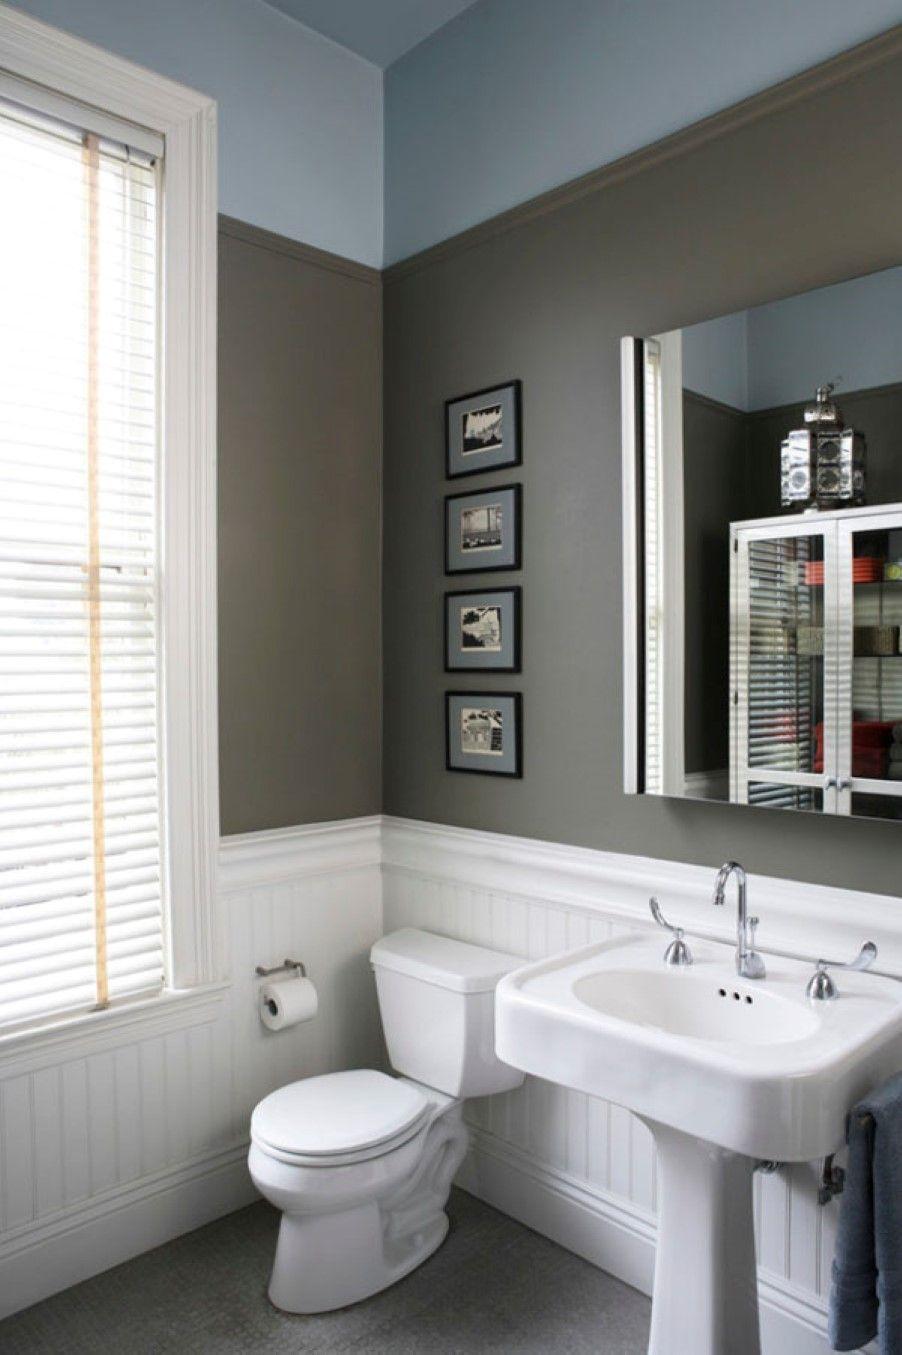 2 Tone Brown Tan Traditional Bathroom Bathroom Interior Design Bathroom Colors